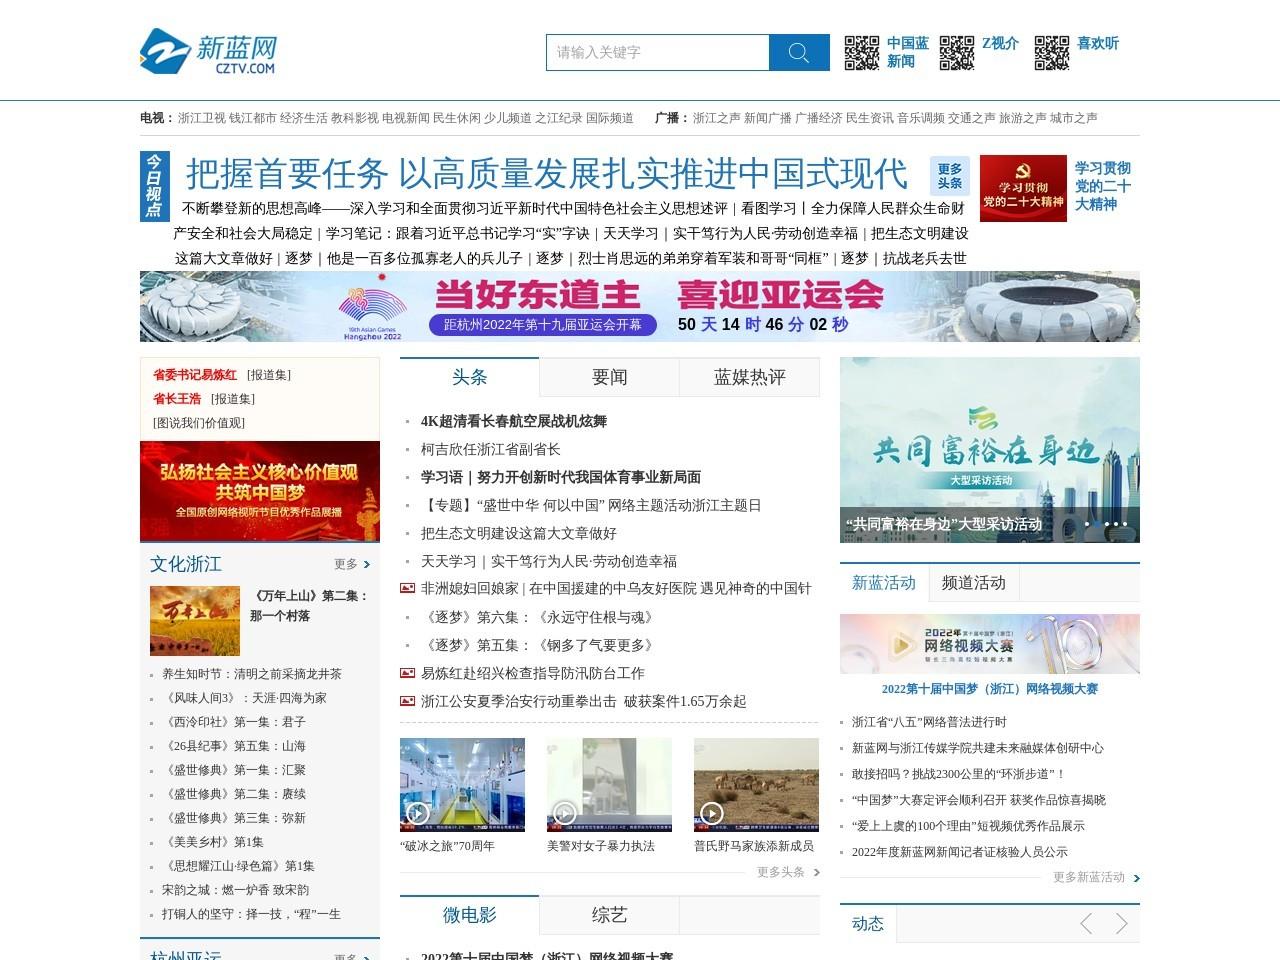 新蓝网的网站截图